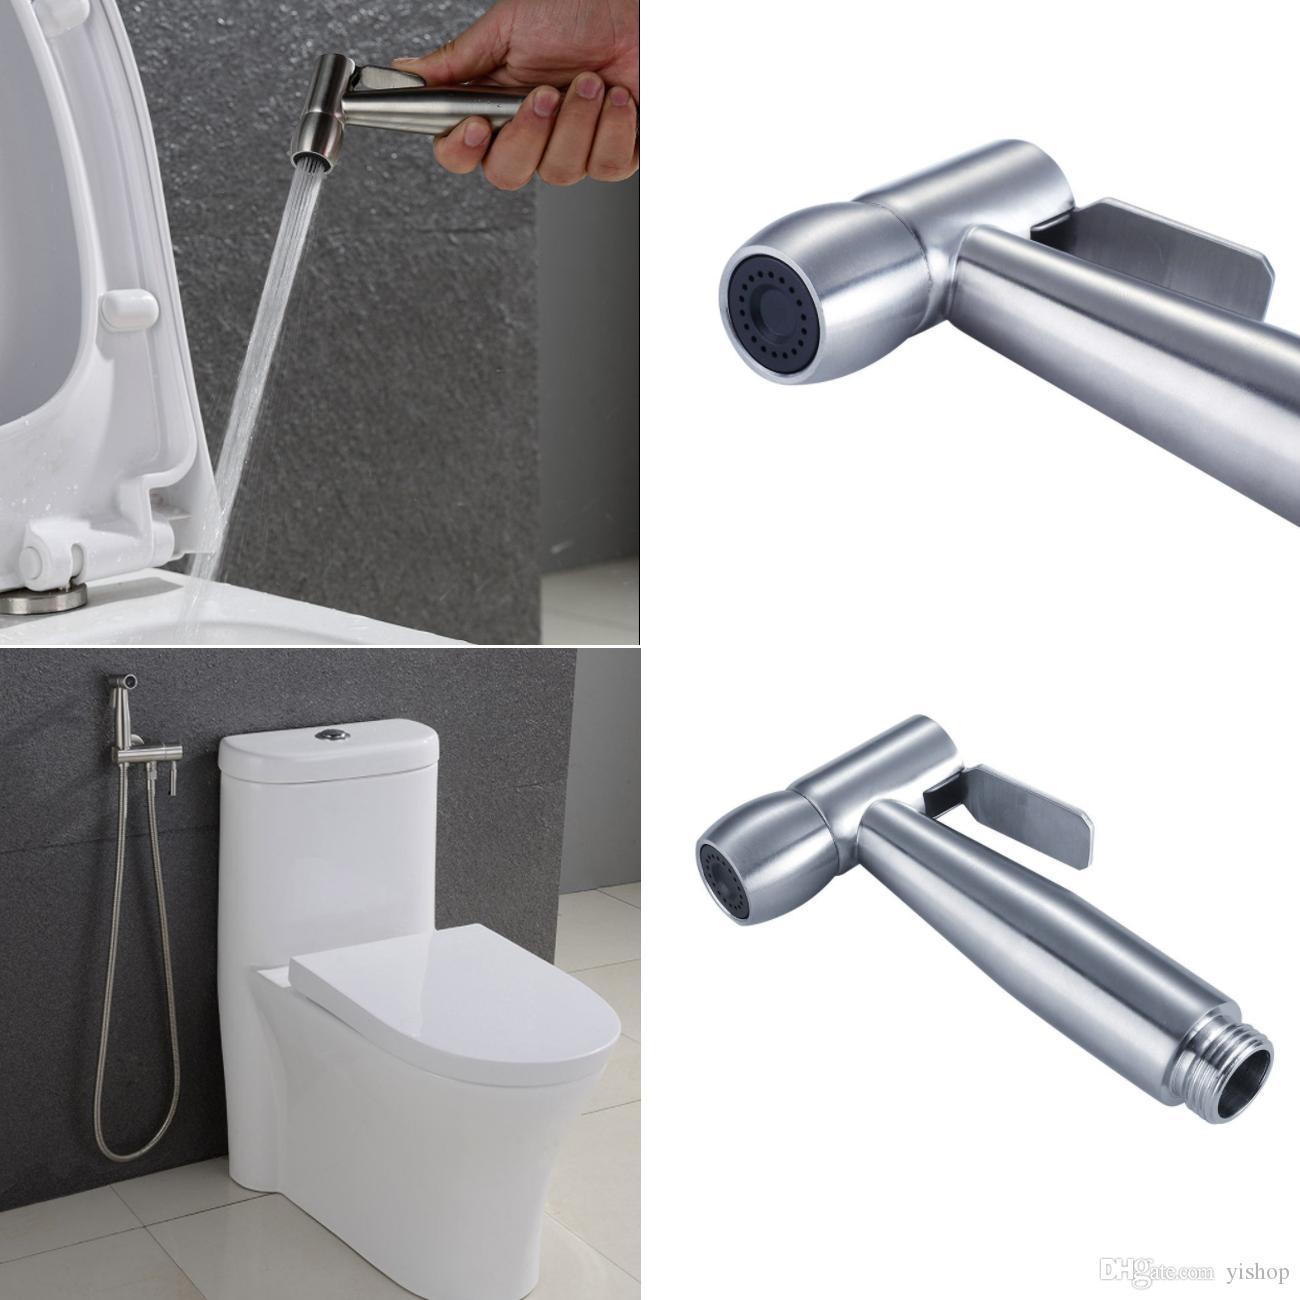 Großhandel Badezimmer WC Bidet Spray Handduschkopf Mit Wand Halter ...